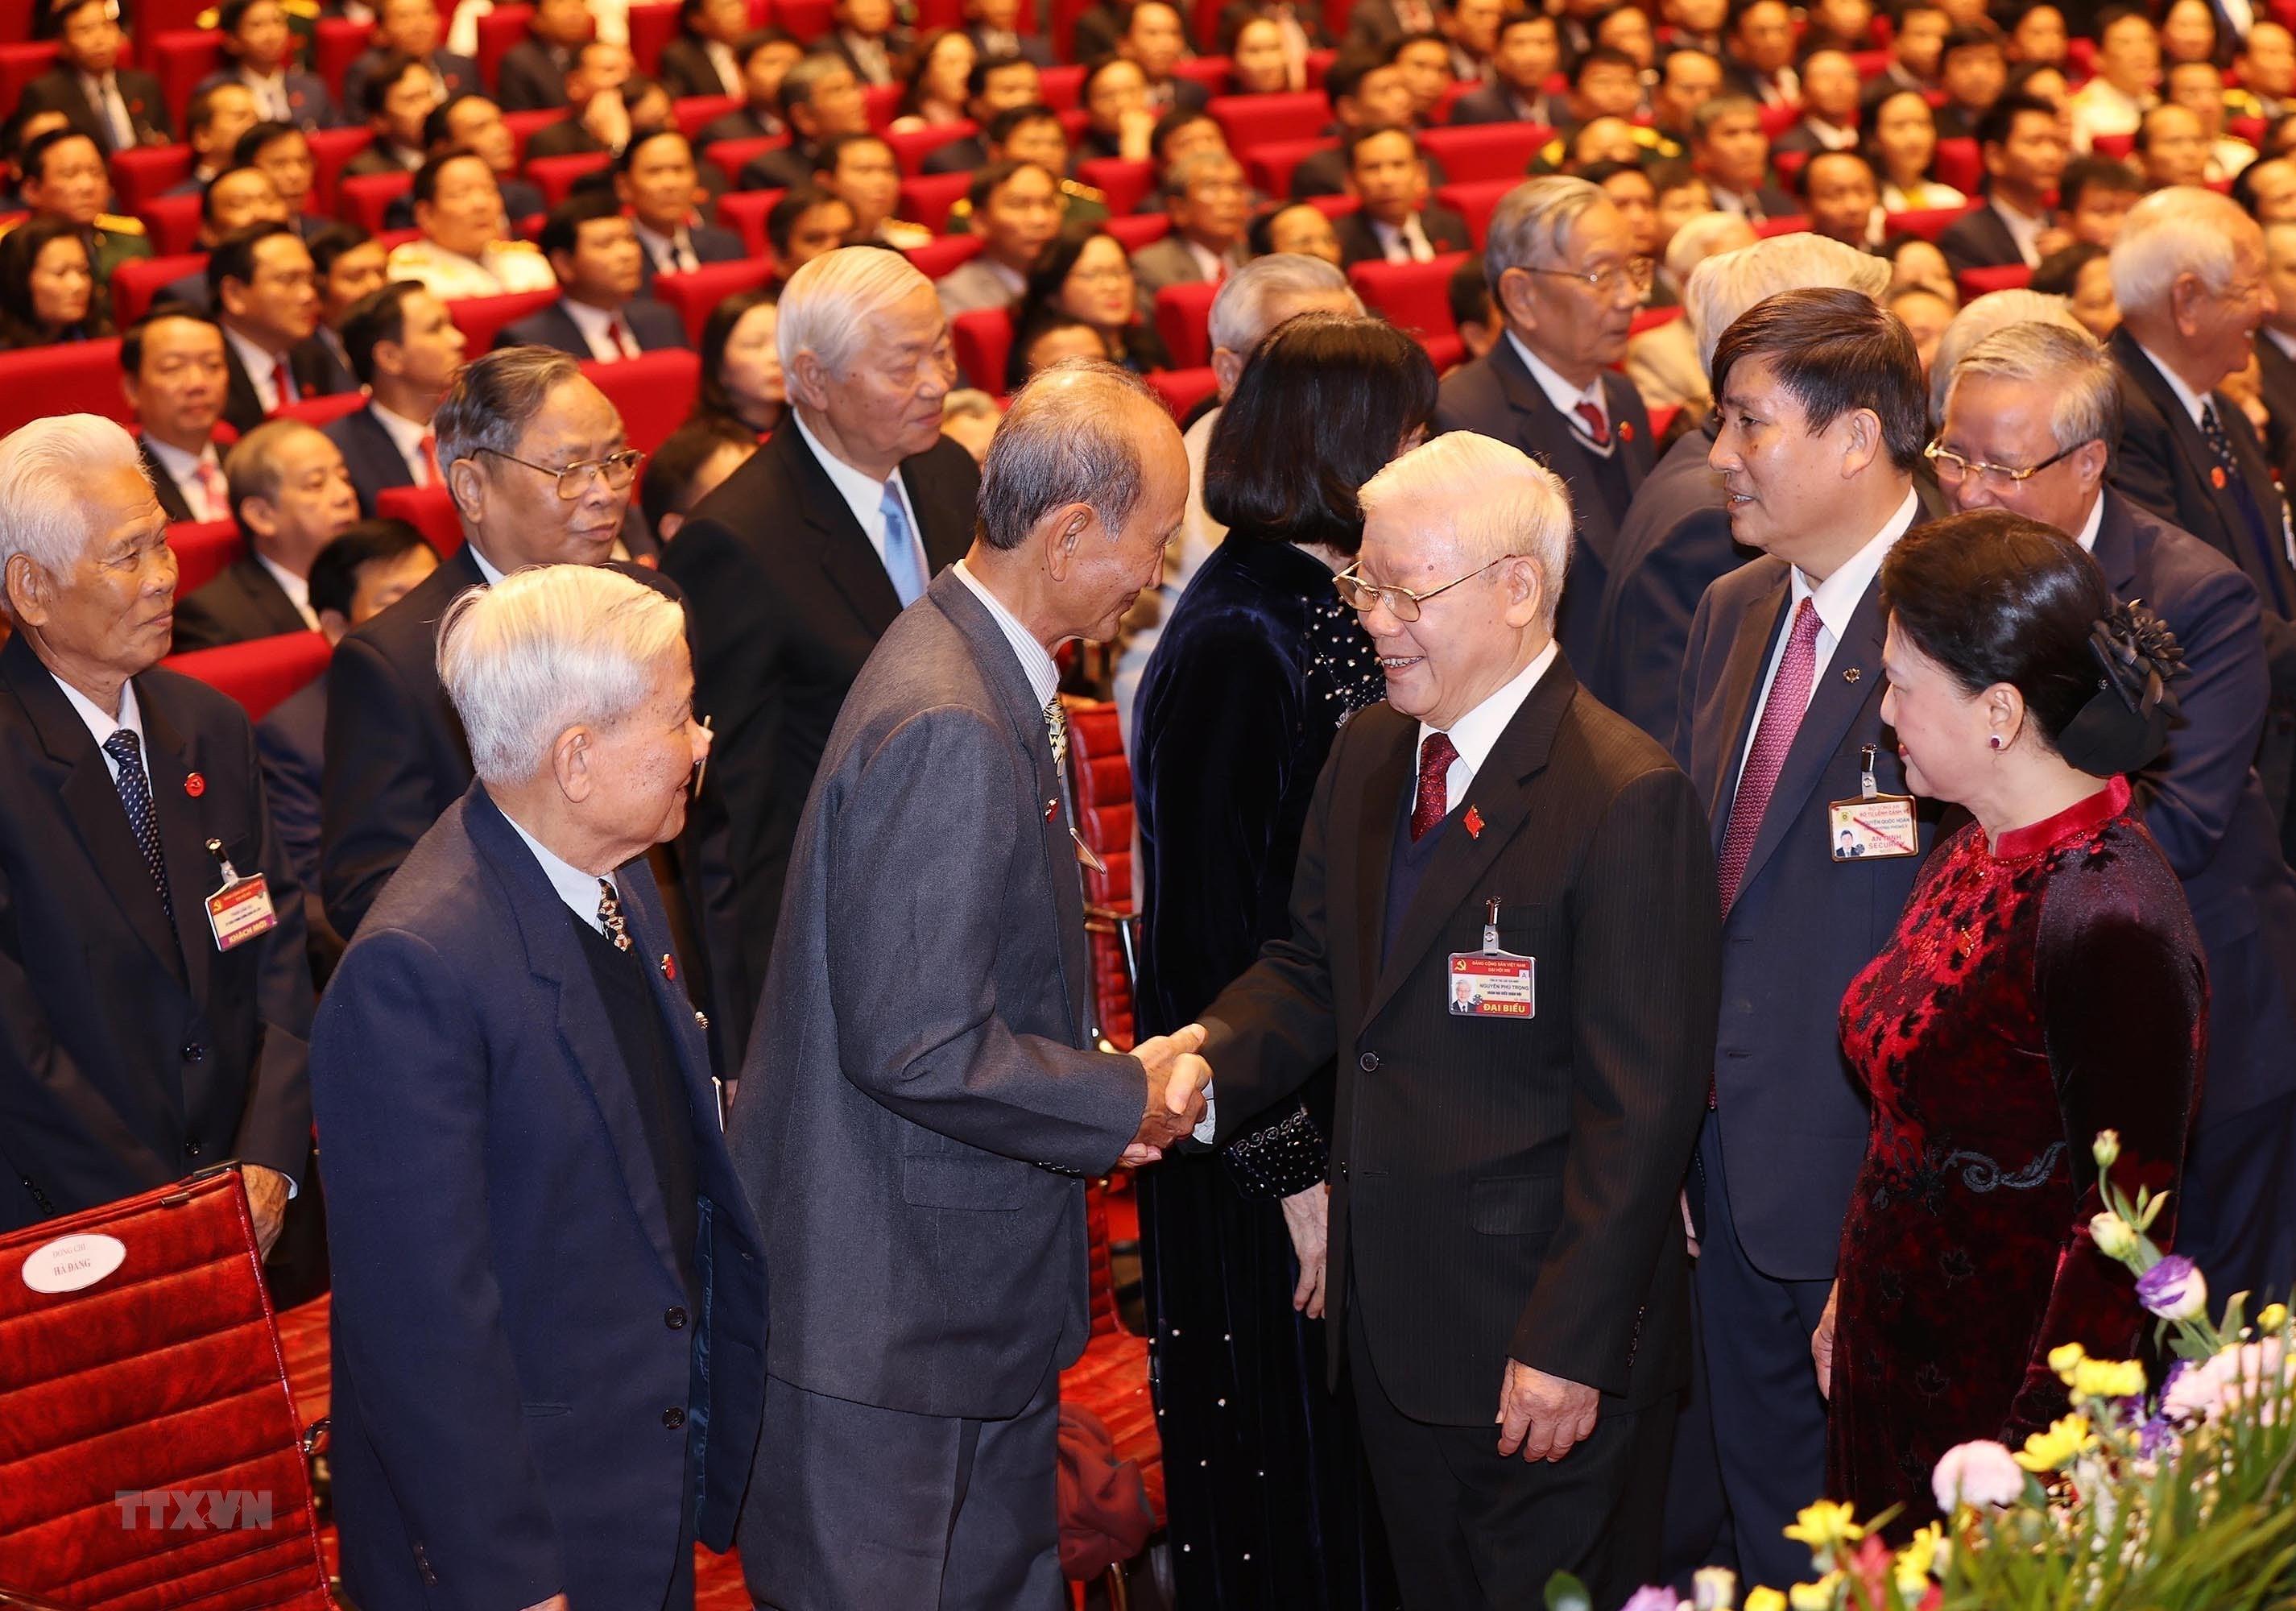 Hinh anh le khai mac trong the Dai hoi lan thu XIII Dang Cong san hinh anh 9